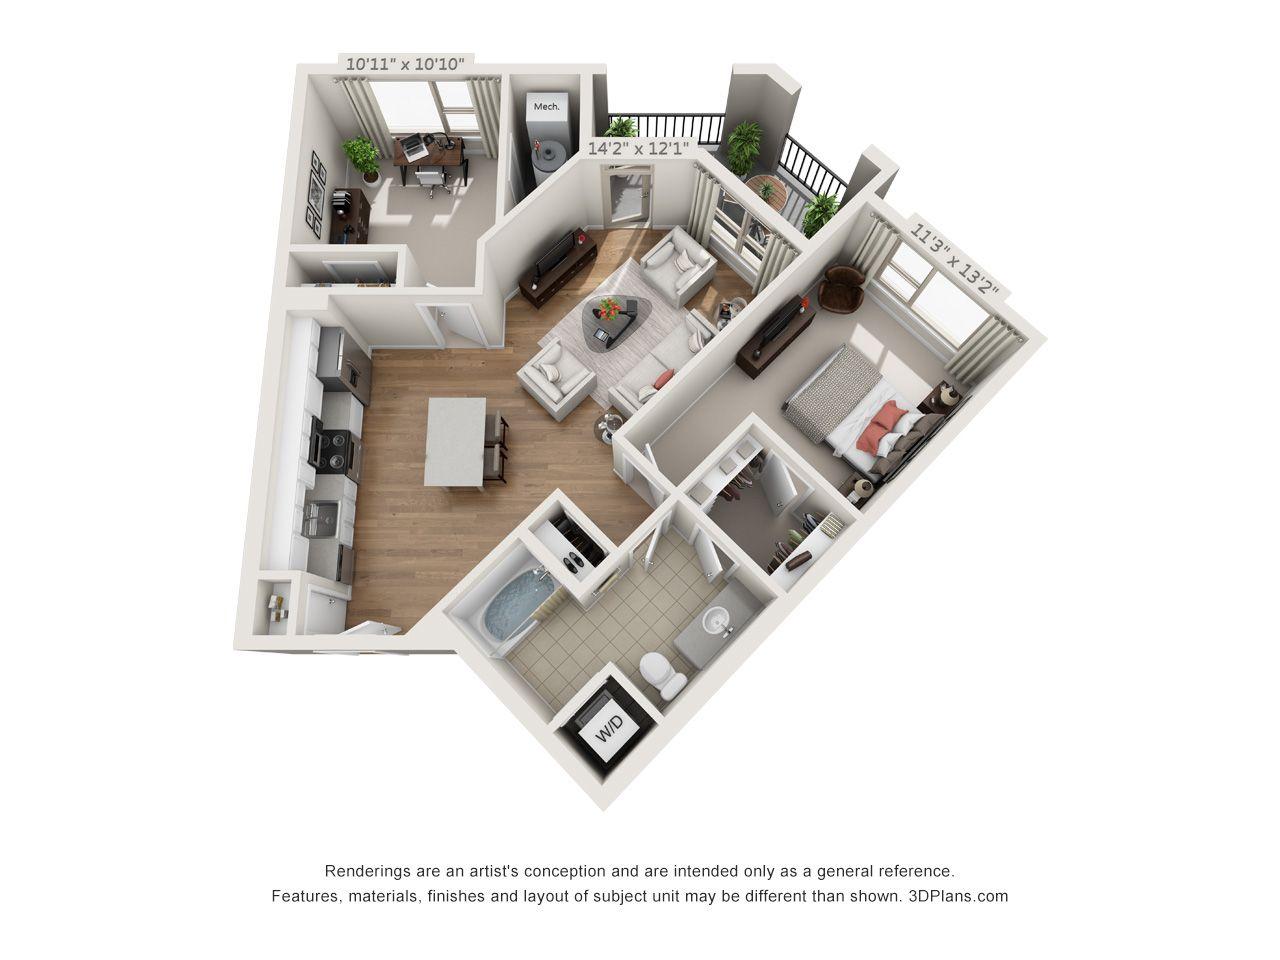 Phoenixville Apartments Apartments In Phoenixville Pa Rent Phoenixville Architectural Floor Plans House Plans Interior Design Plan